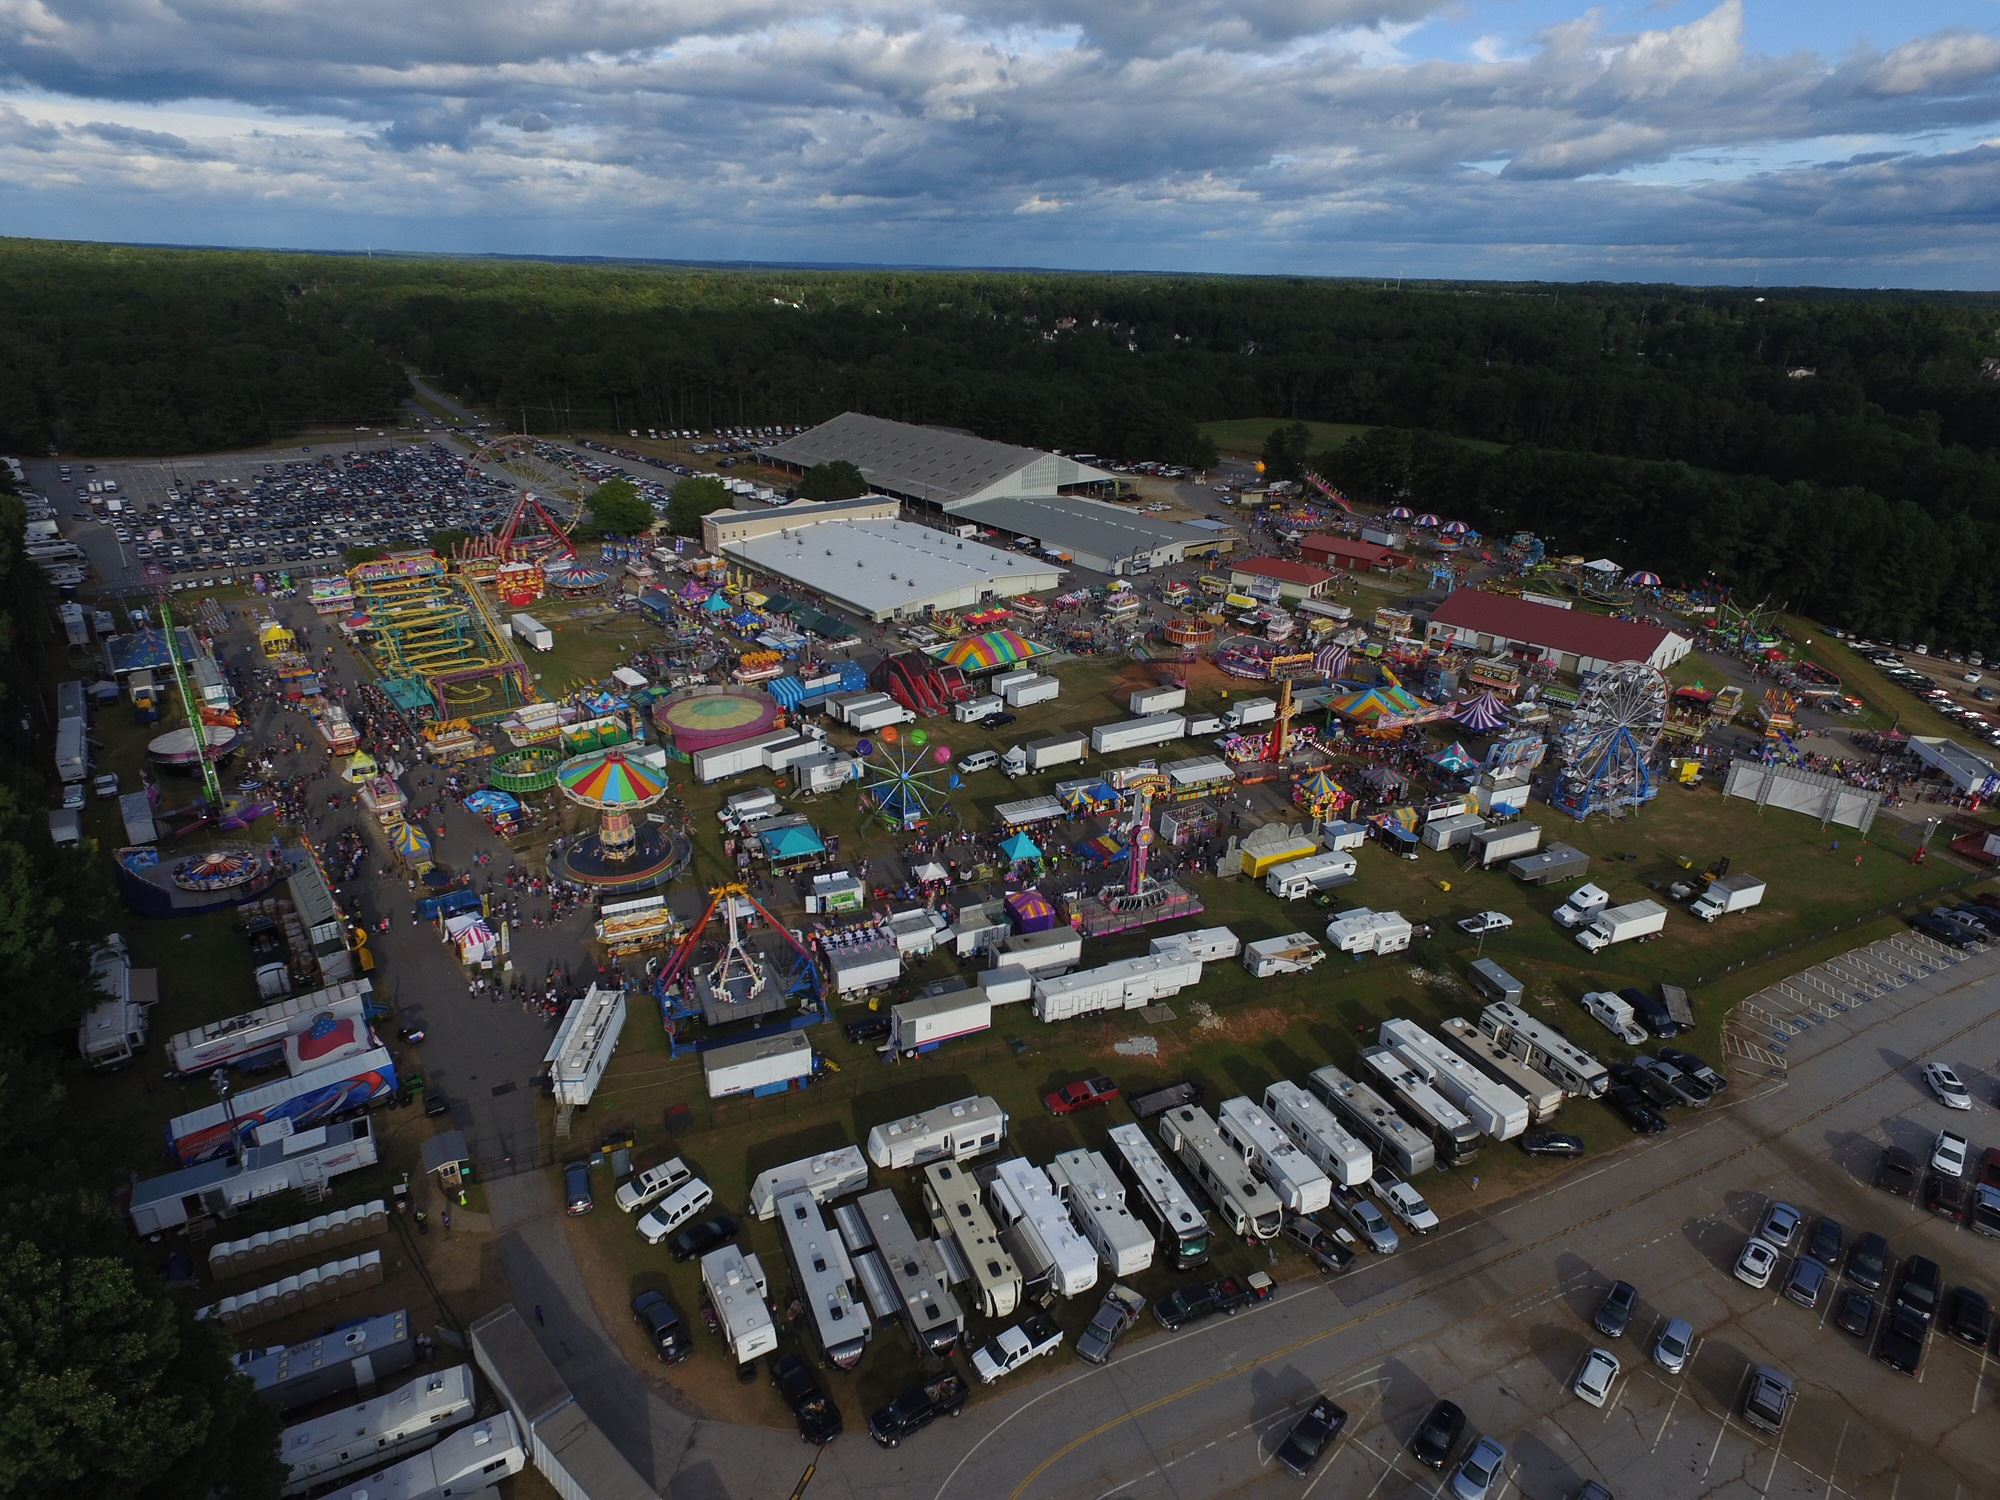 Fair from drone shot 500 feet high